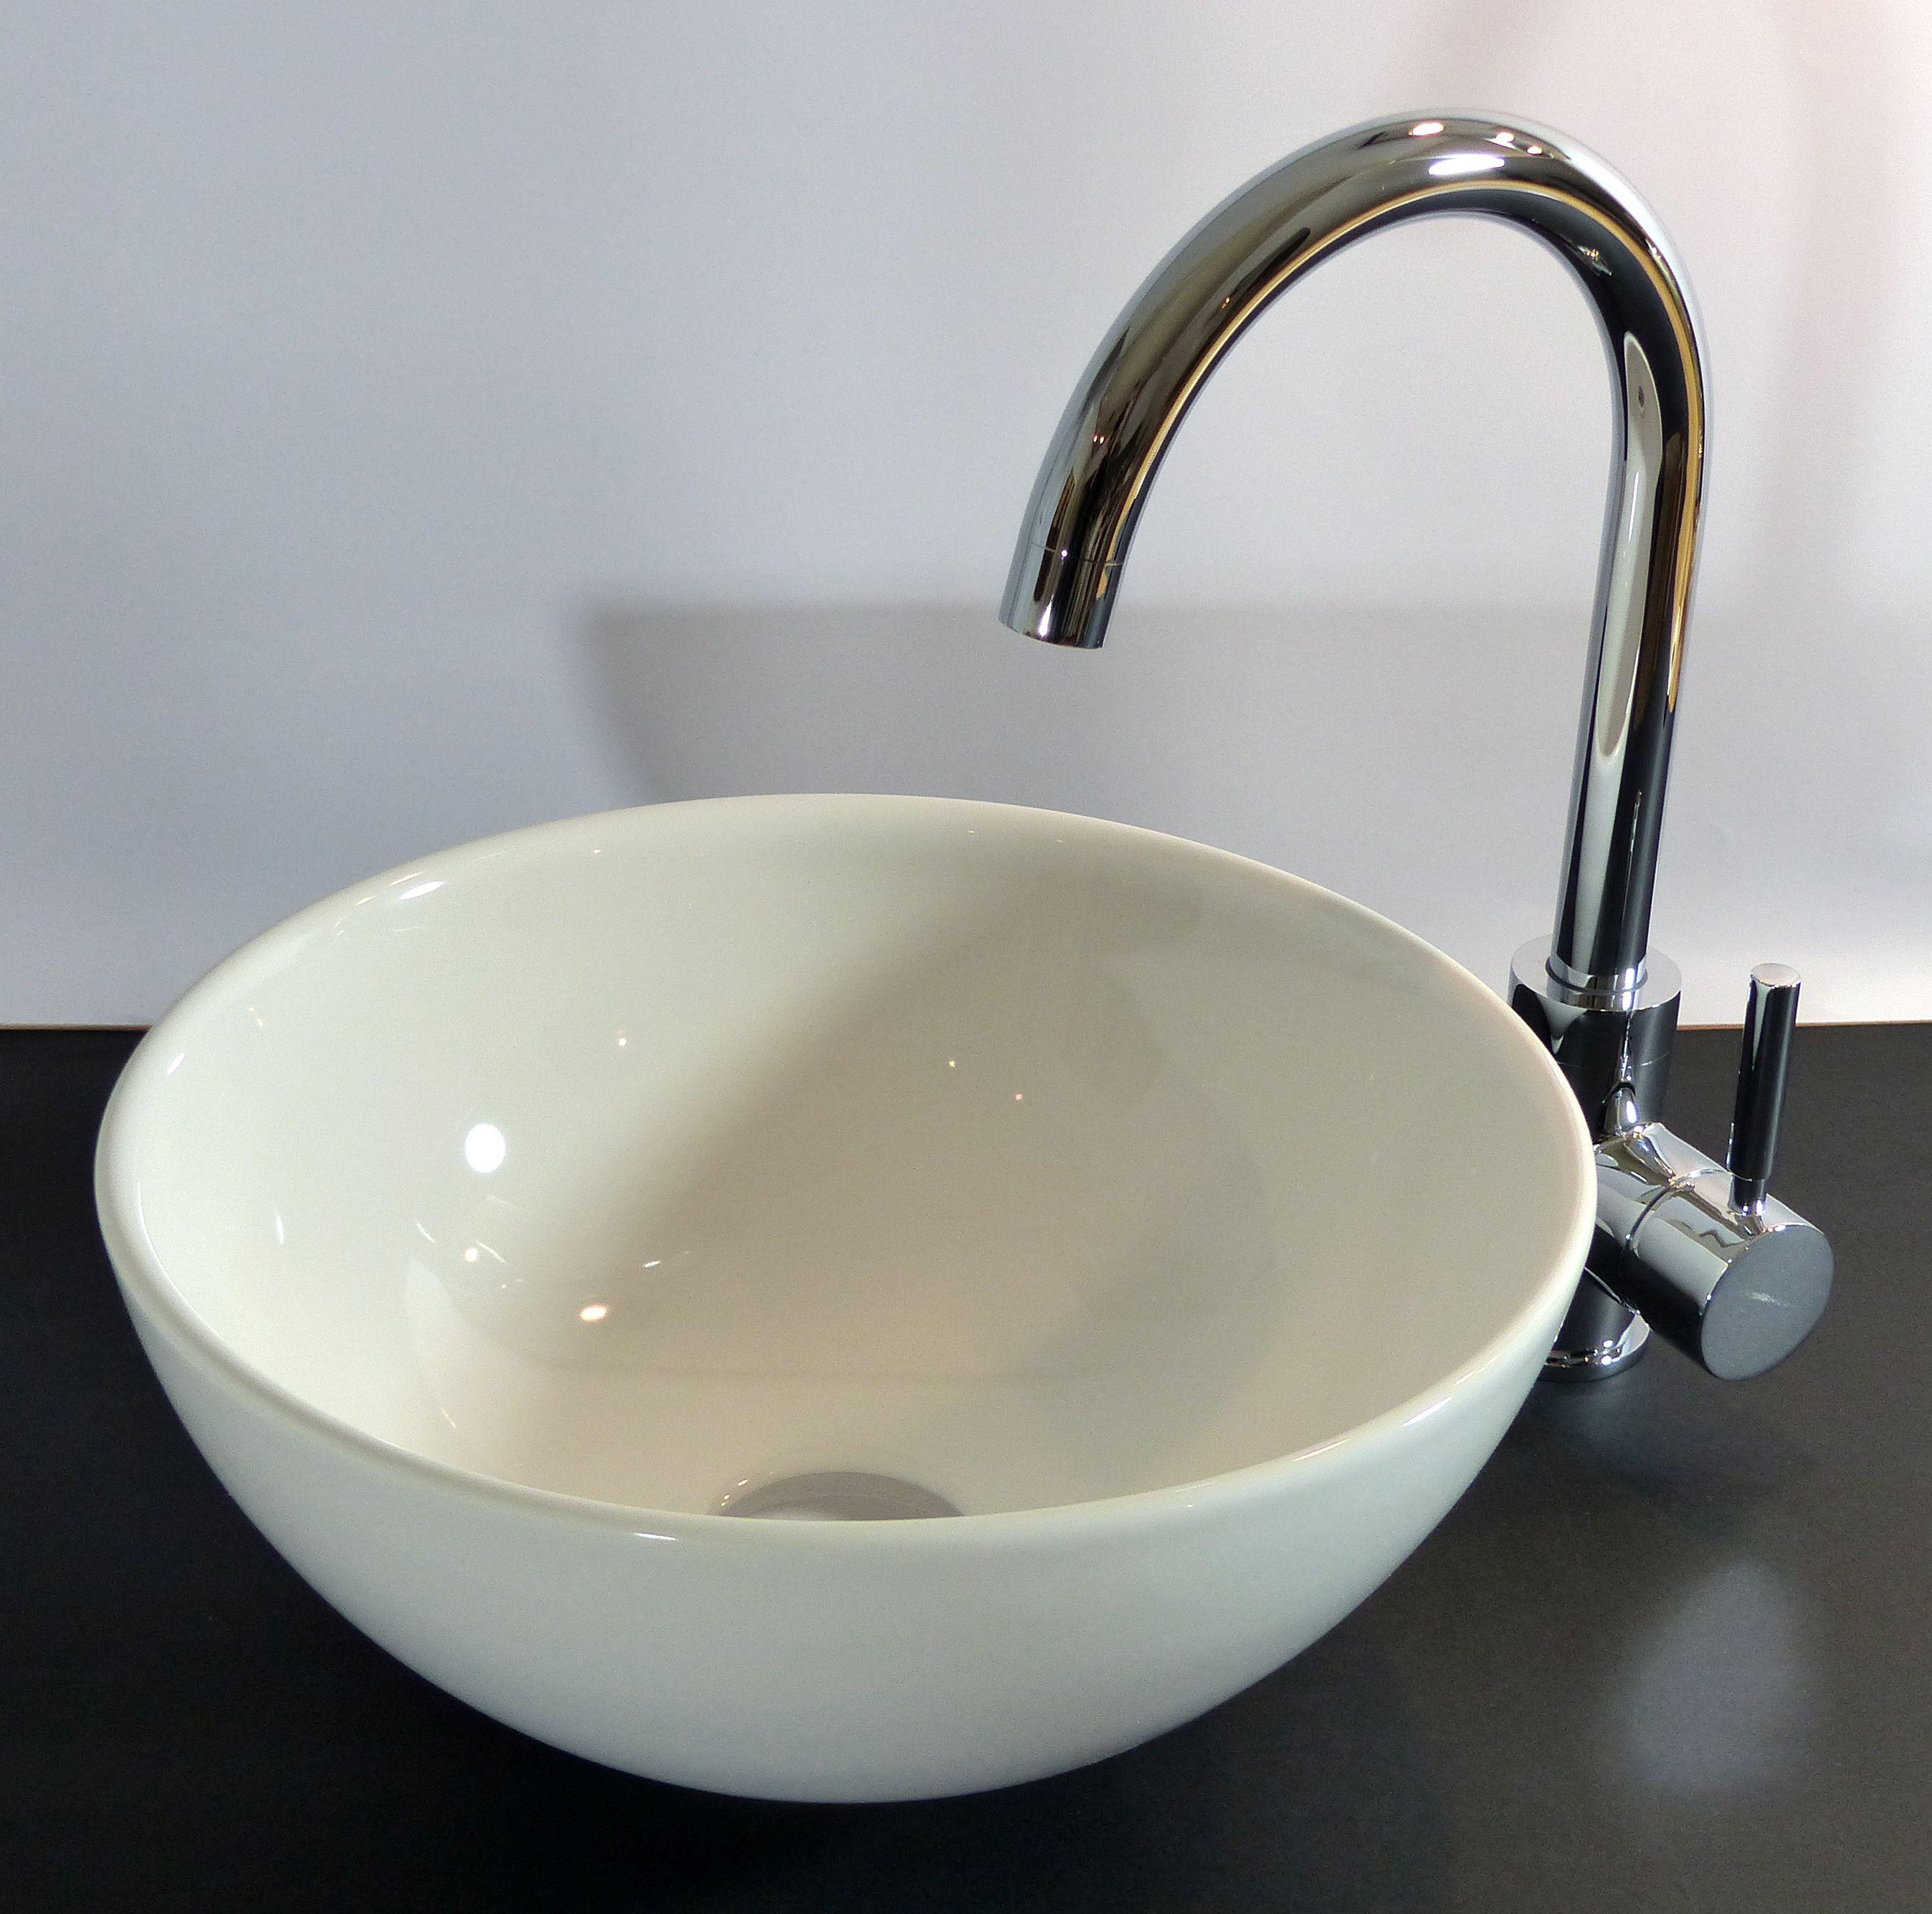 Nero Badshop | Keramik Aufsatz Waschbecken rund 32cm | online kaufen | {Waschbecken rund 12}